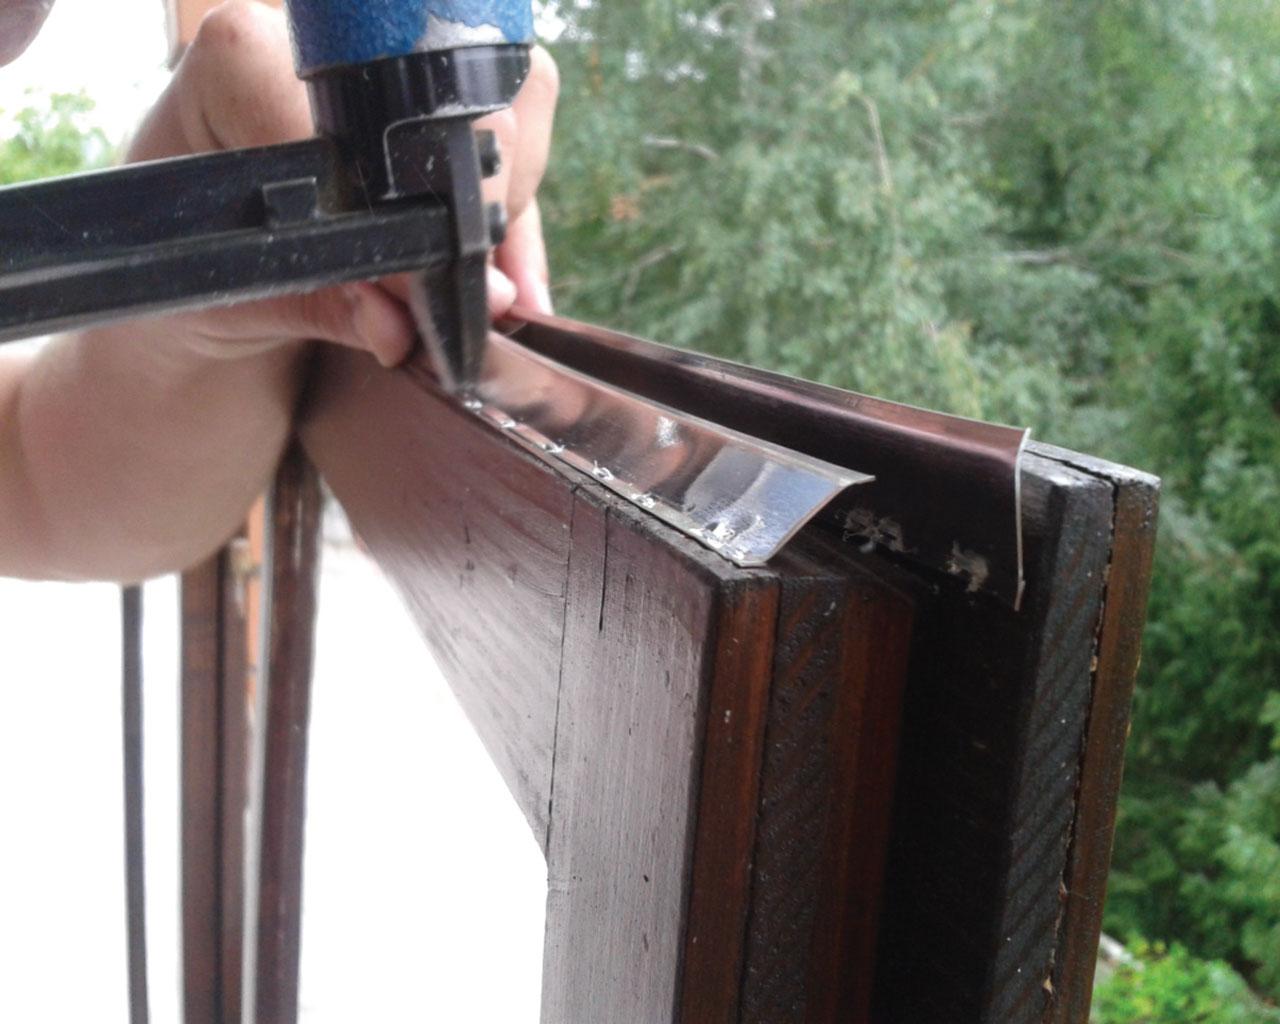 Dihtovanje prozora aluminijumskim lajsnama